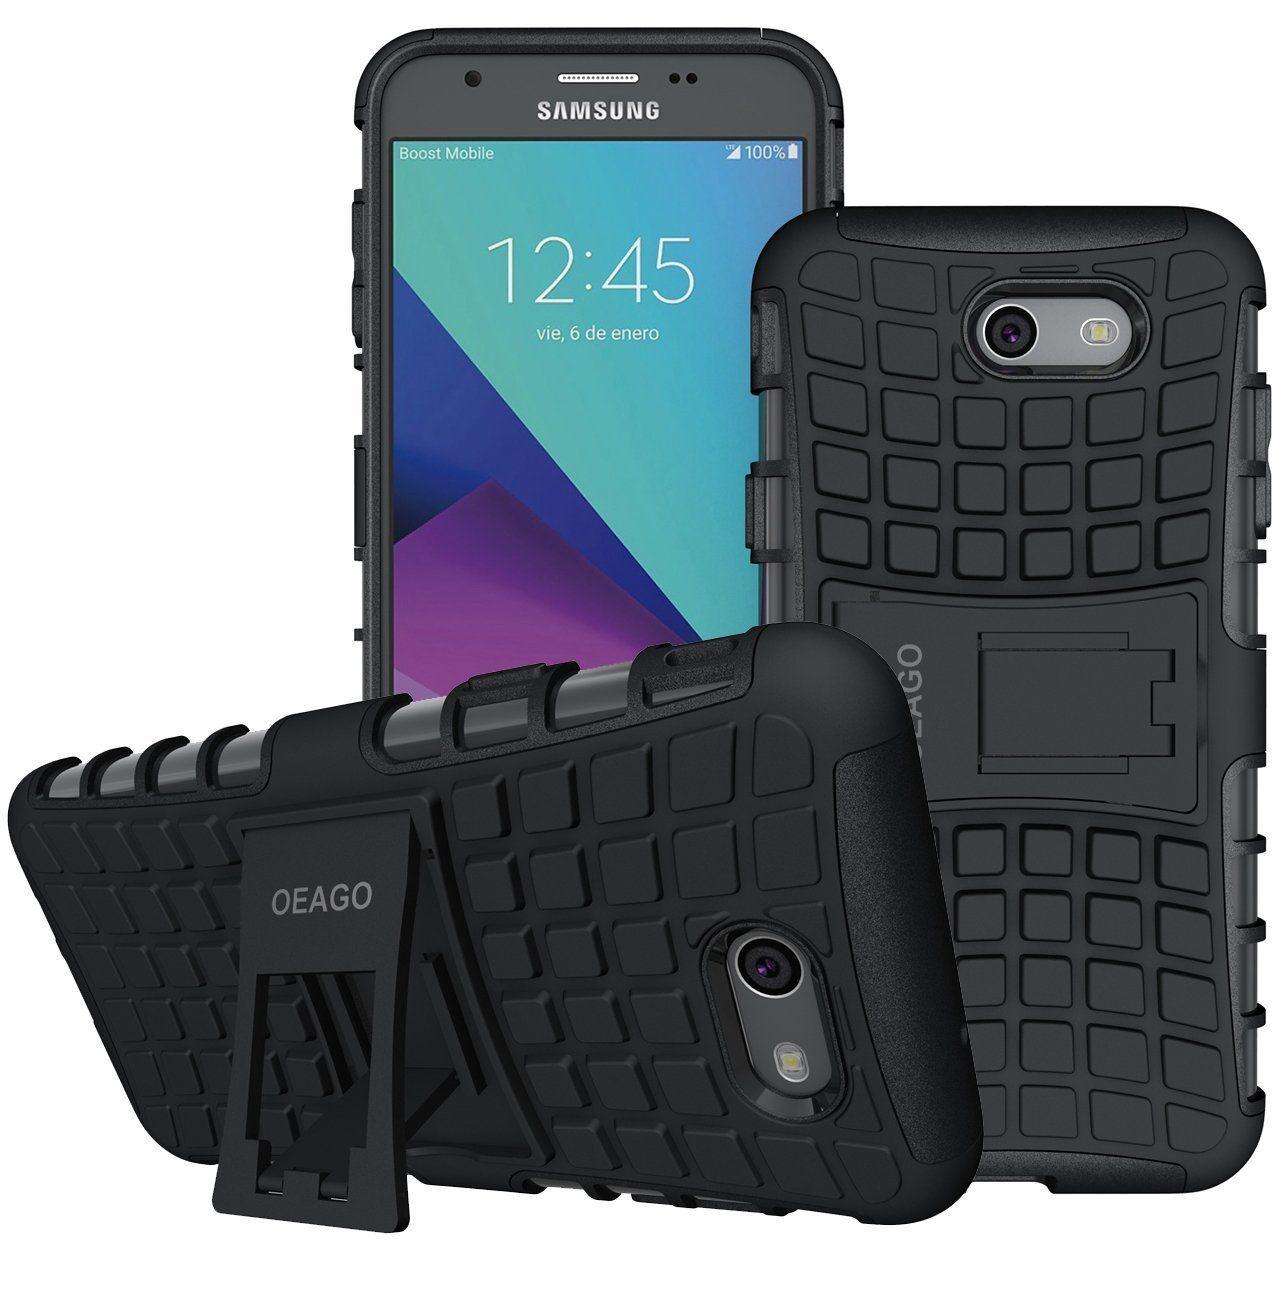 quality design 8f9fb b7a3c Amazon.com: OEAGO Samsung Galaxy J7 V J7V 1st Gen 2017 Case, Galaxy ...